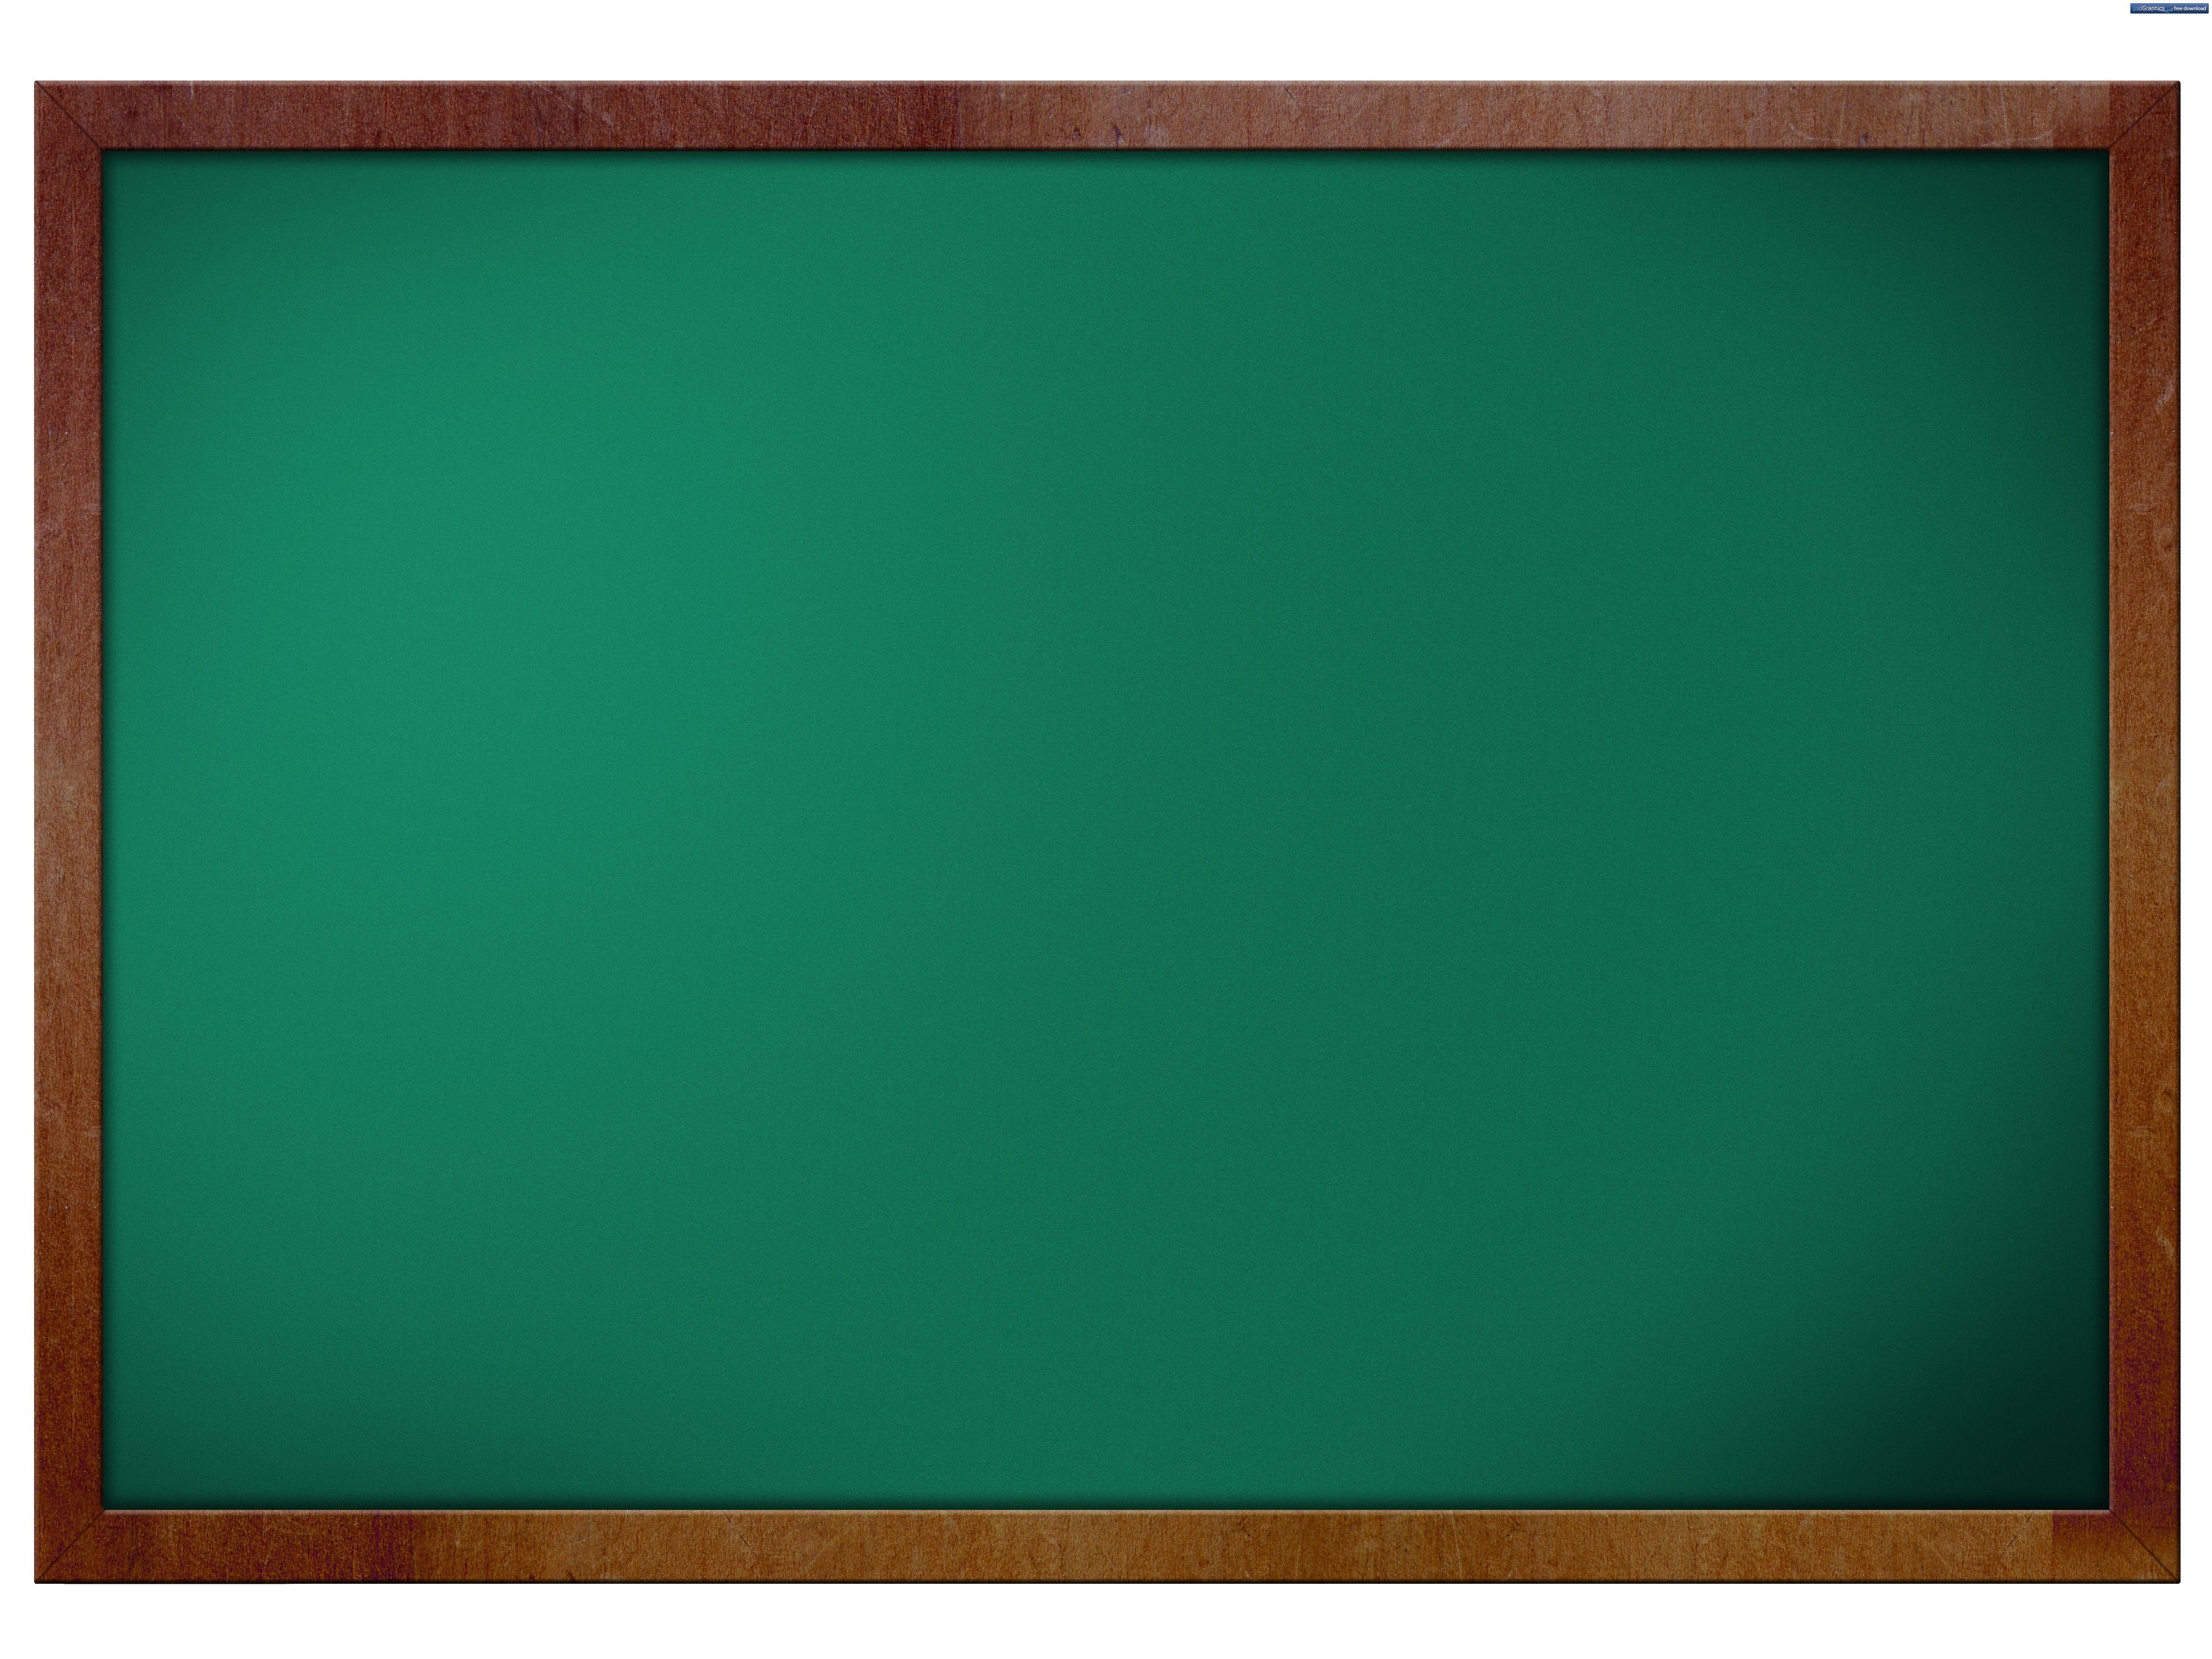 Blackboard clipart blank. Chalkboard kid school ideas